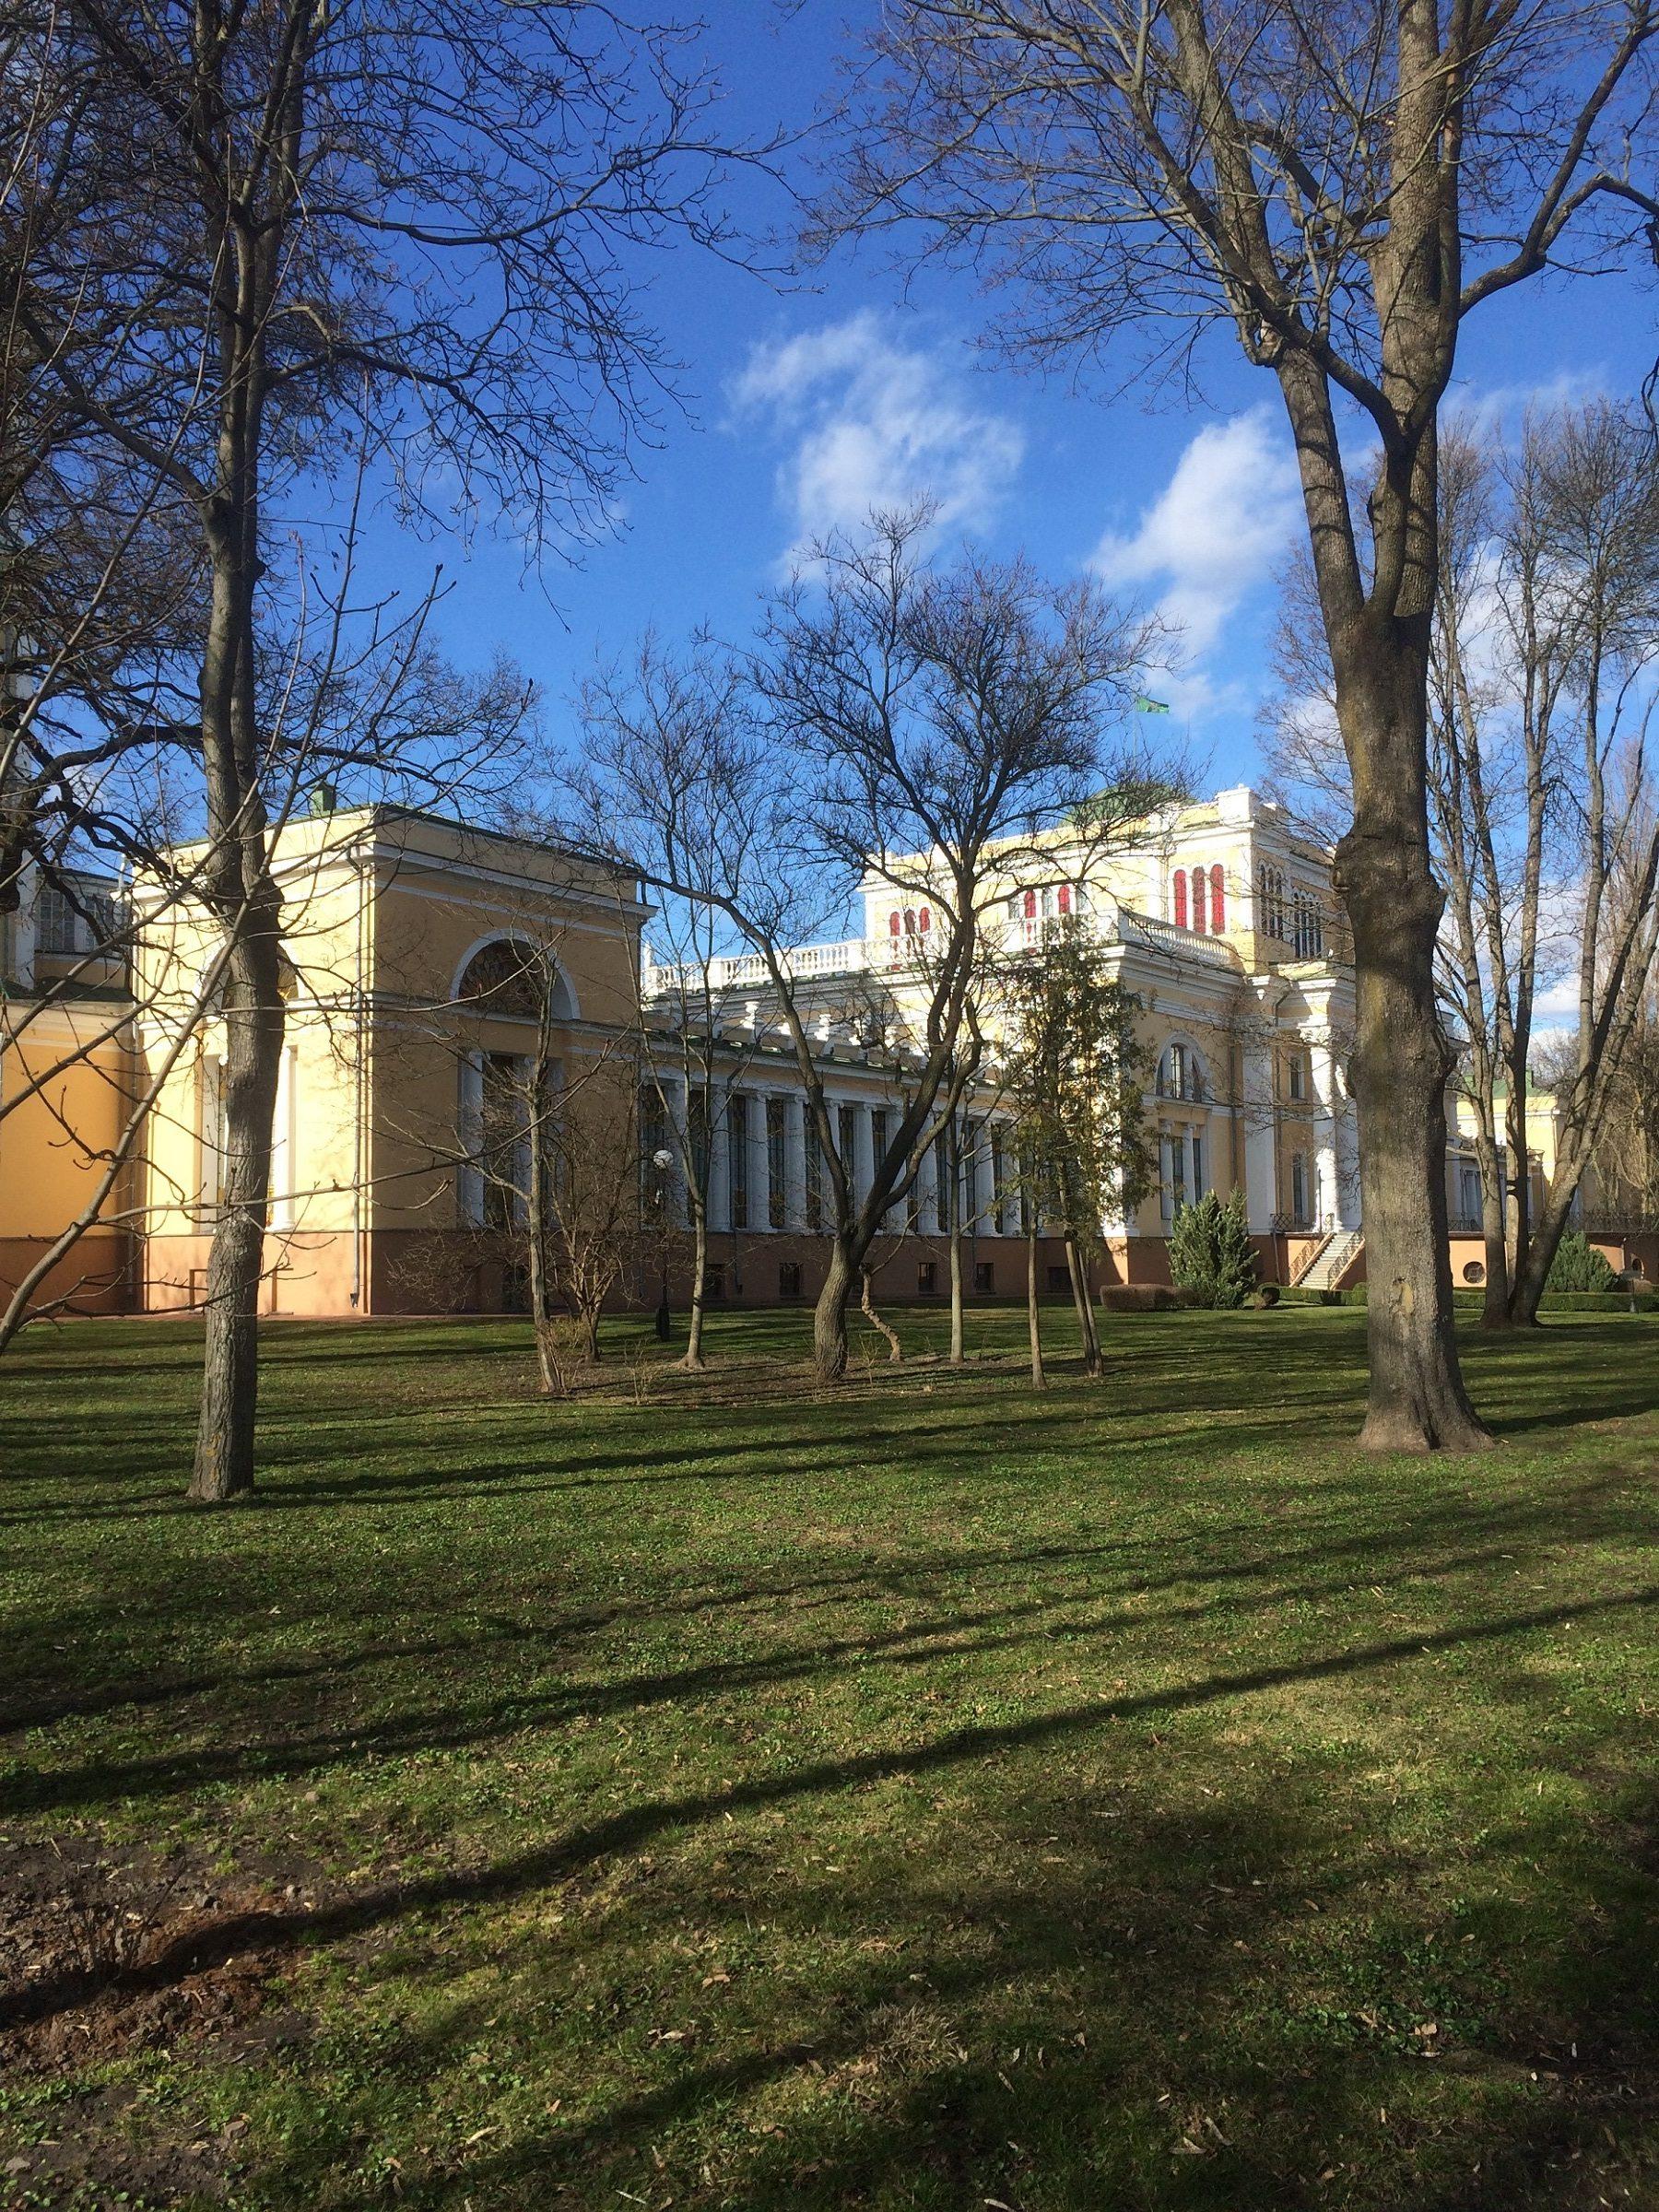 IMG 0610 16 03 20 11 10 rotated - Памятник П. О. Сухому в Гомеле